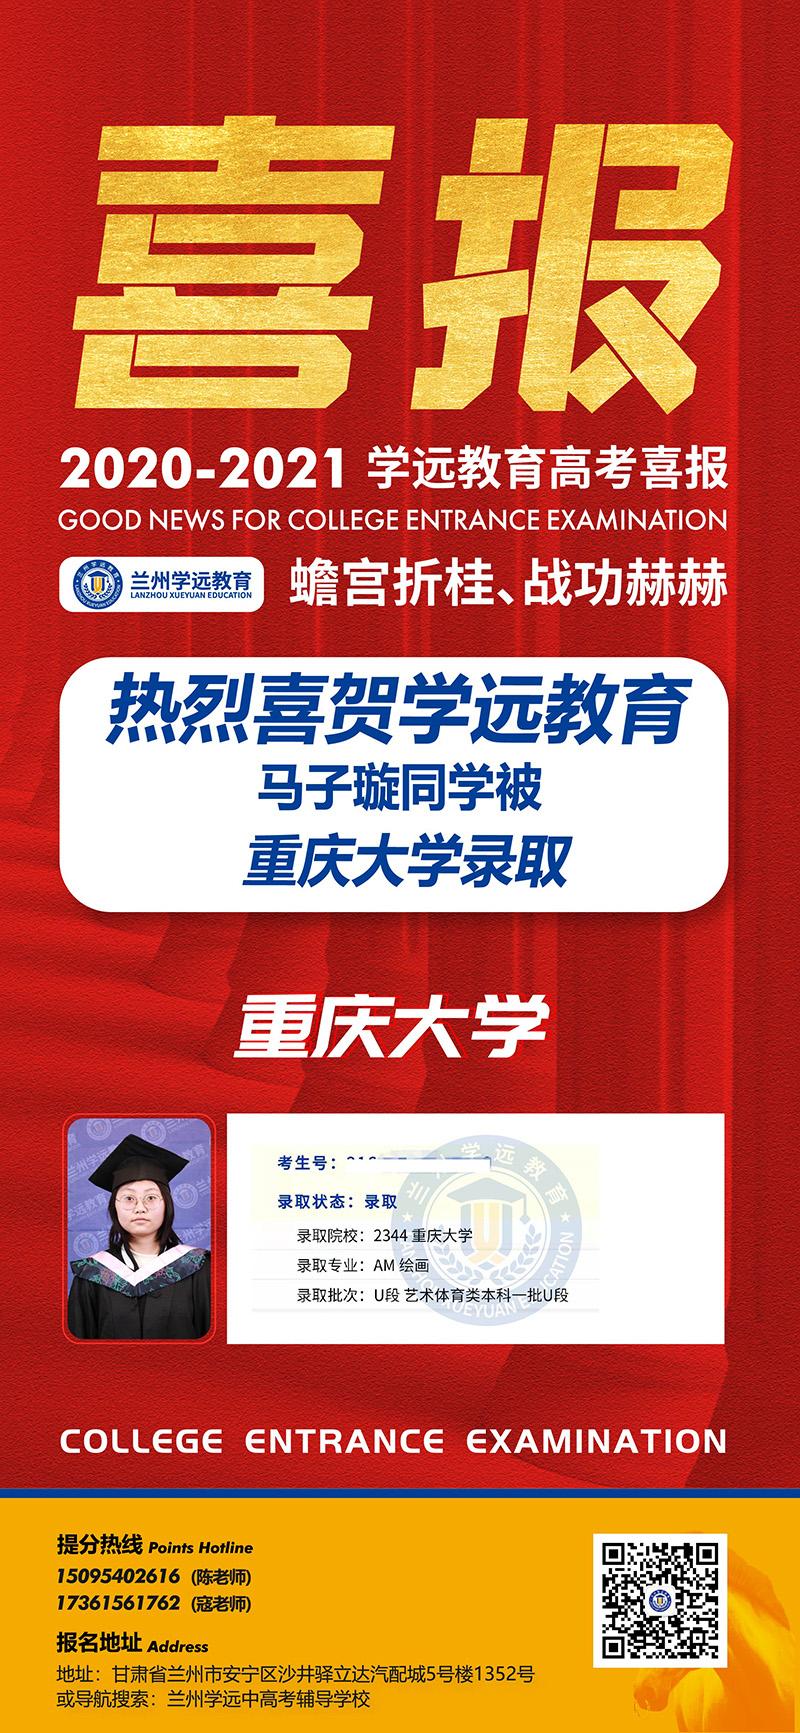 马子璇同学被重庆大学录取